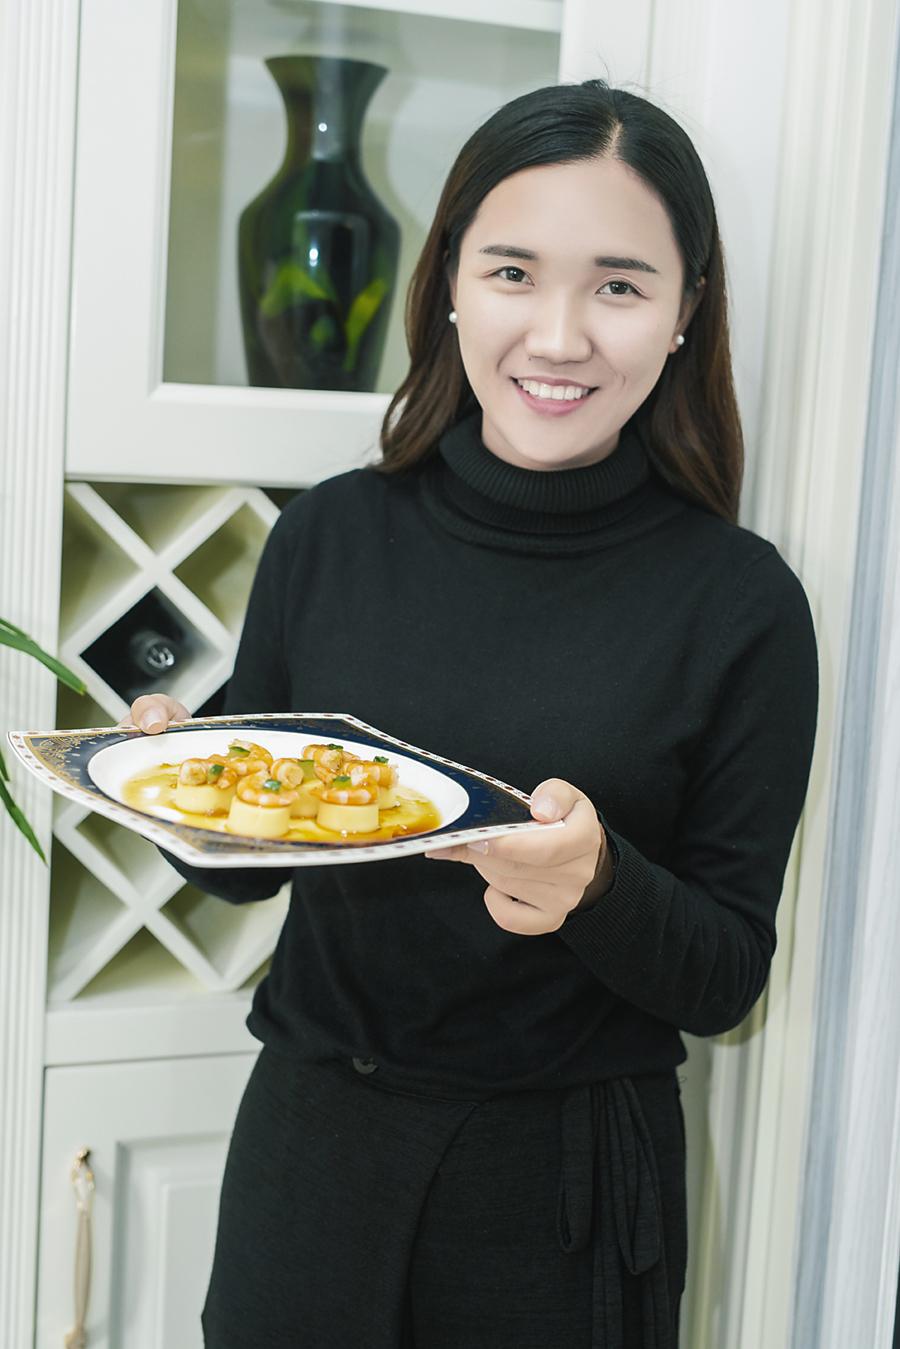 这个能干的90后女孩,还能做得一手好菜